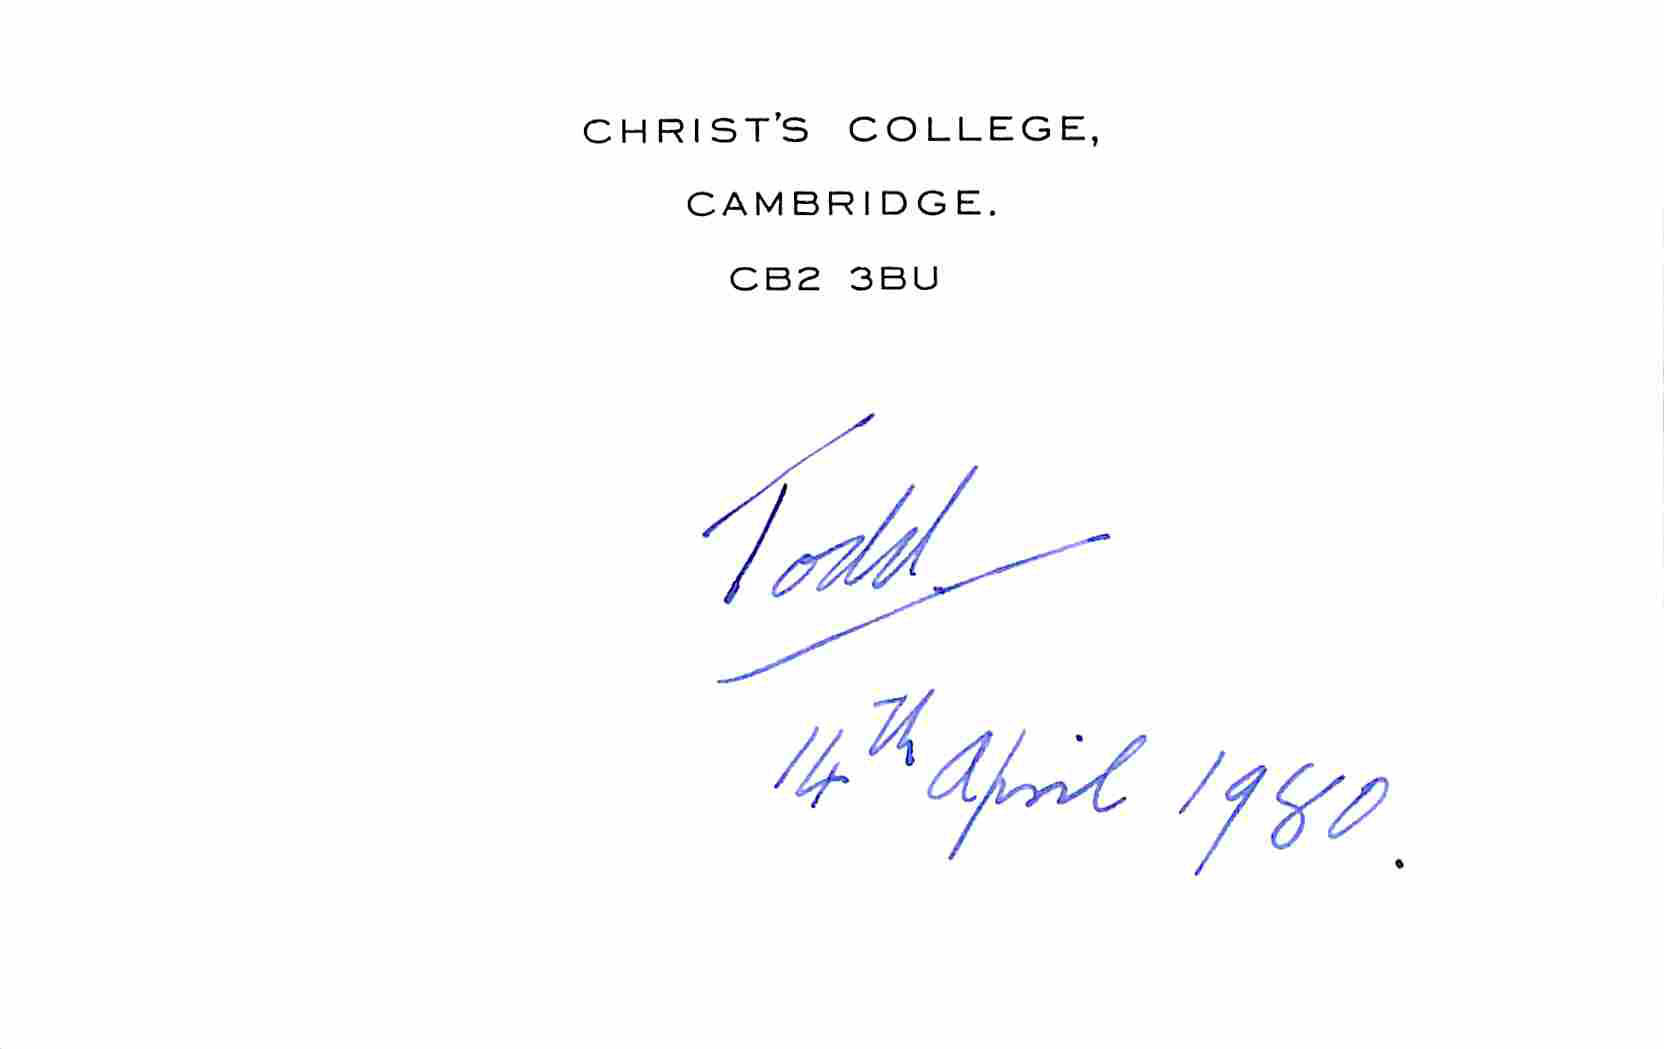 Visitenkarte mit eigenh. Datum und U. Todd, Alexander Robertus, Chemiker und Nobelpreisträger (1907-1997). [ ]   Cambridge, 14. IV. 1980, 9 x 14 cm. 1 Seite. Gedruckt  Christ College, Cambridge. CB2 3BU . Todd erhielt 1957 den Nobelpreis für Chemie  für grundlegende Arbeiten über die Gruppe der Nukleotide und Nukleotid-Coenzyme, deren Bauprinzip und chemische Funktionsweise er aufgeklärt hat.